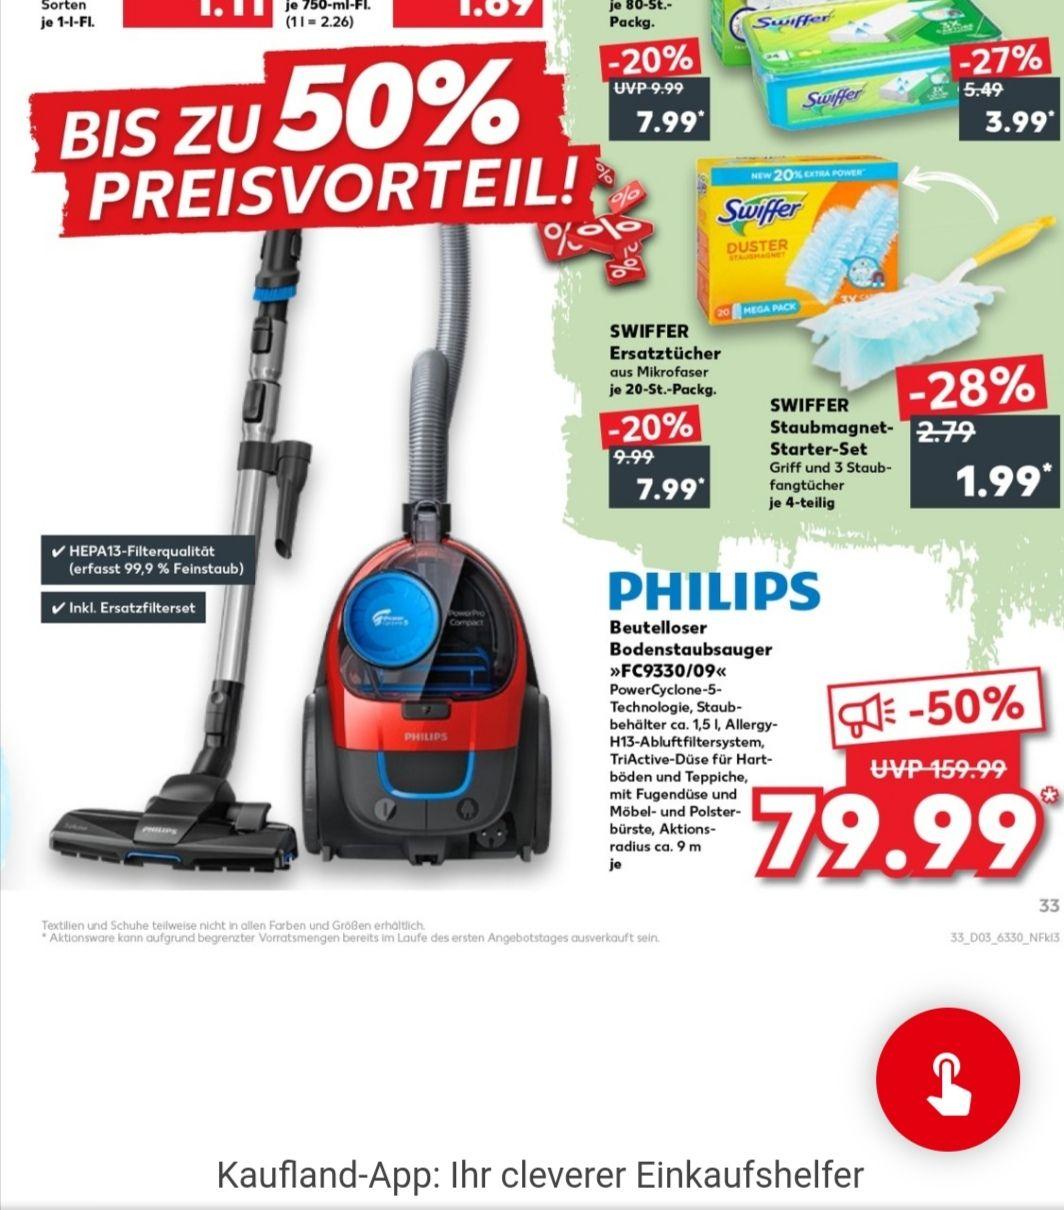 Philips FC9330/09 Staubsauger (Kaufland)